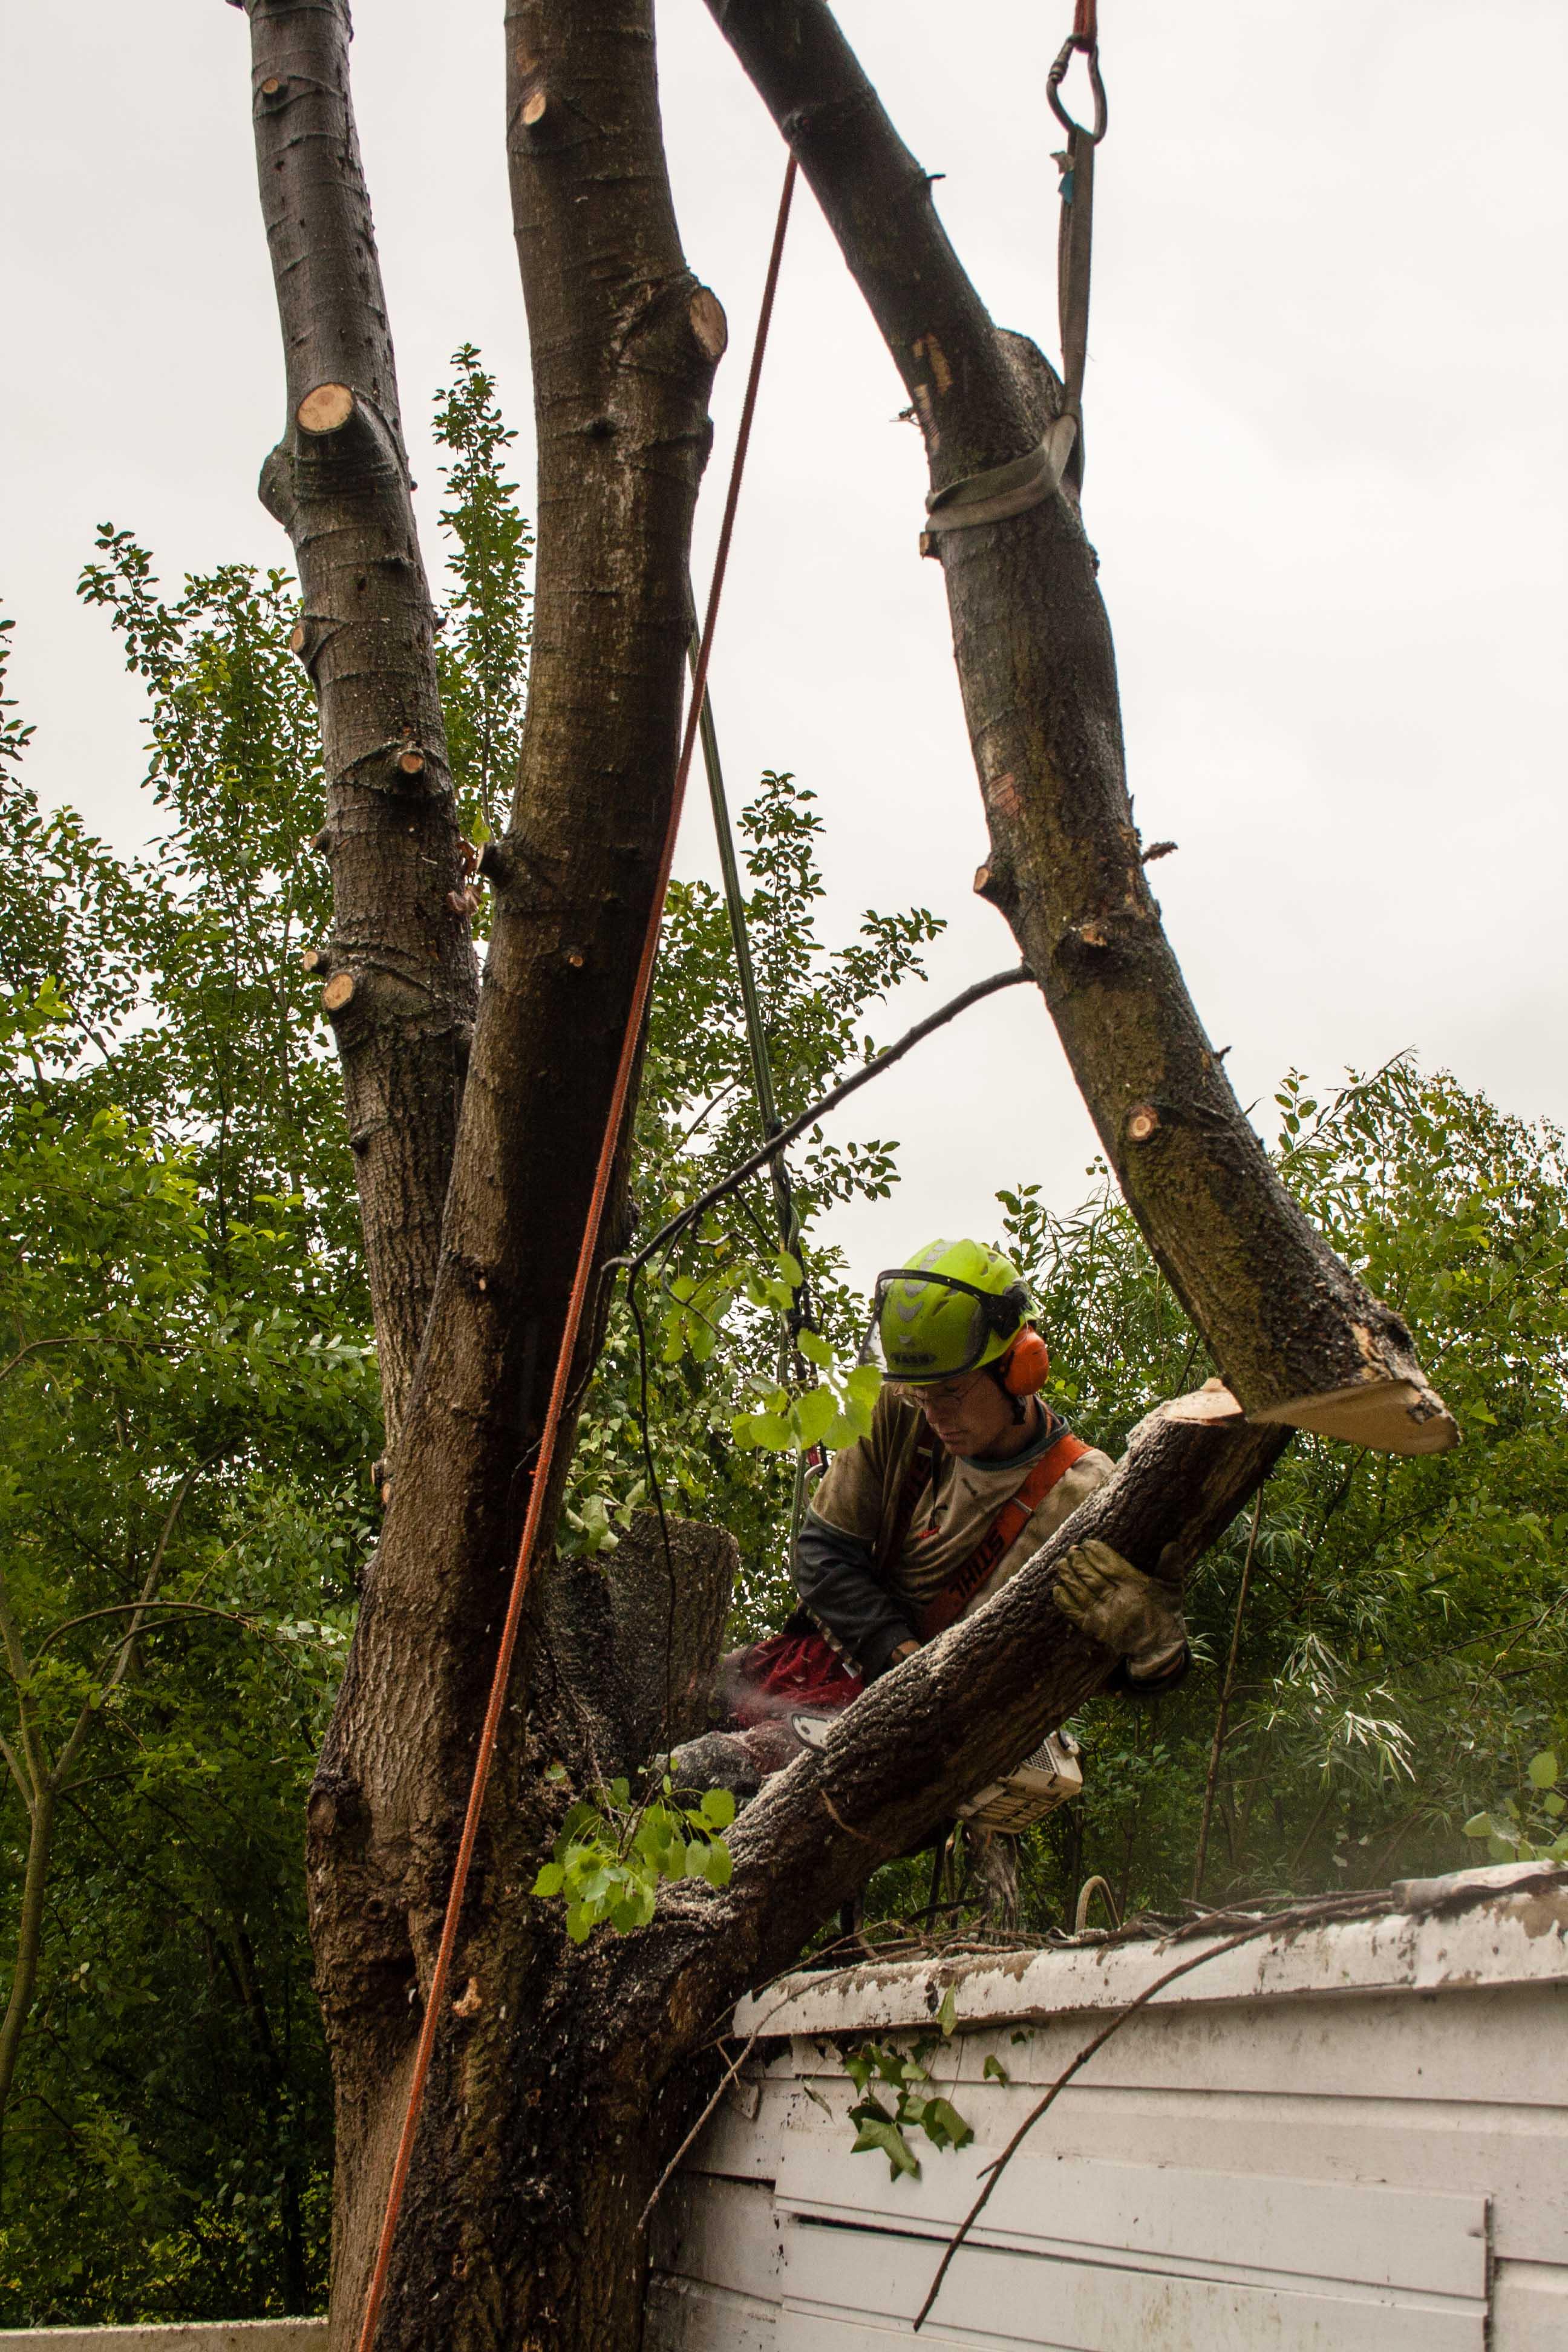 bomen snoeien, bomen kappen, boomverzorging, boomveiligheidscontrole, baarn, soest, hilversum, huizen, almere, amersfoort, bilthoven, de bilt, zeist